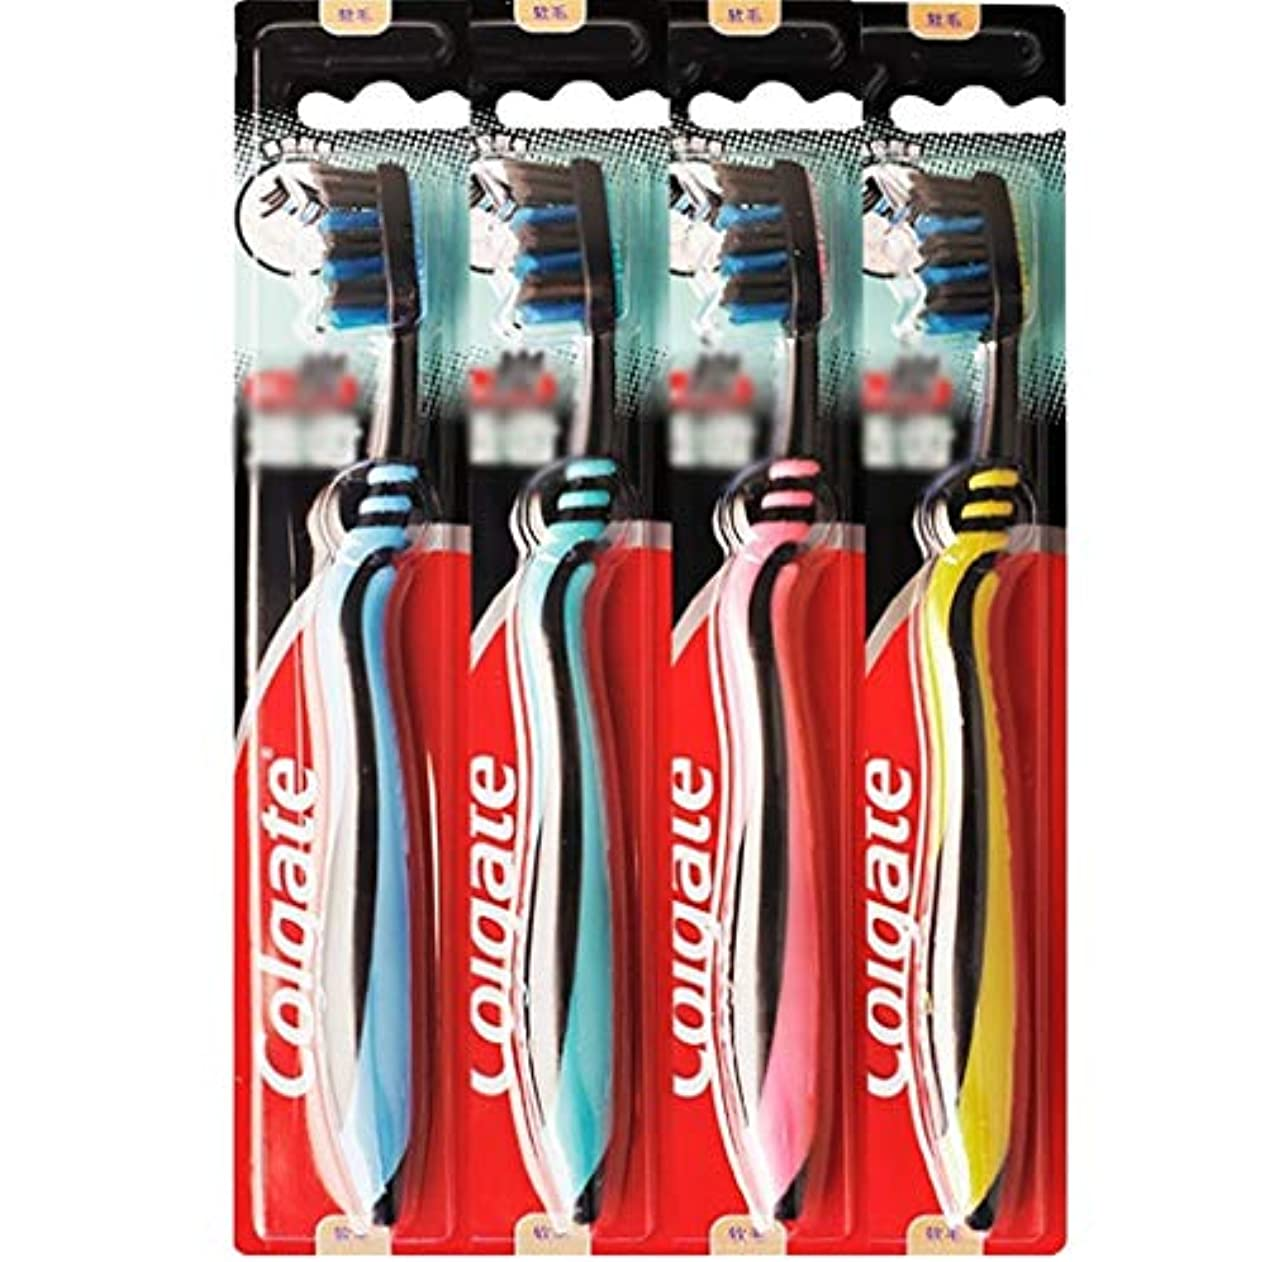 立場大砲パンダ歯ブラシ 歯の深いクリーニングに適した歯ブラシ、カーボンブラック柔らかい歯ブラシ、4本のスティック HL (色 : A)